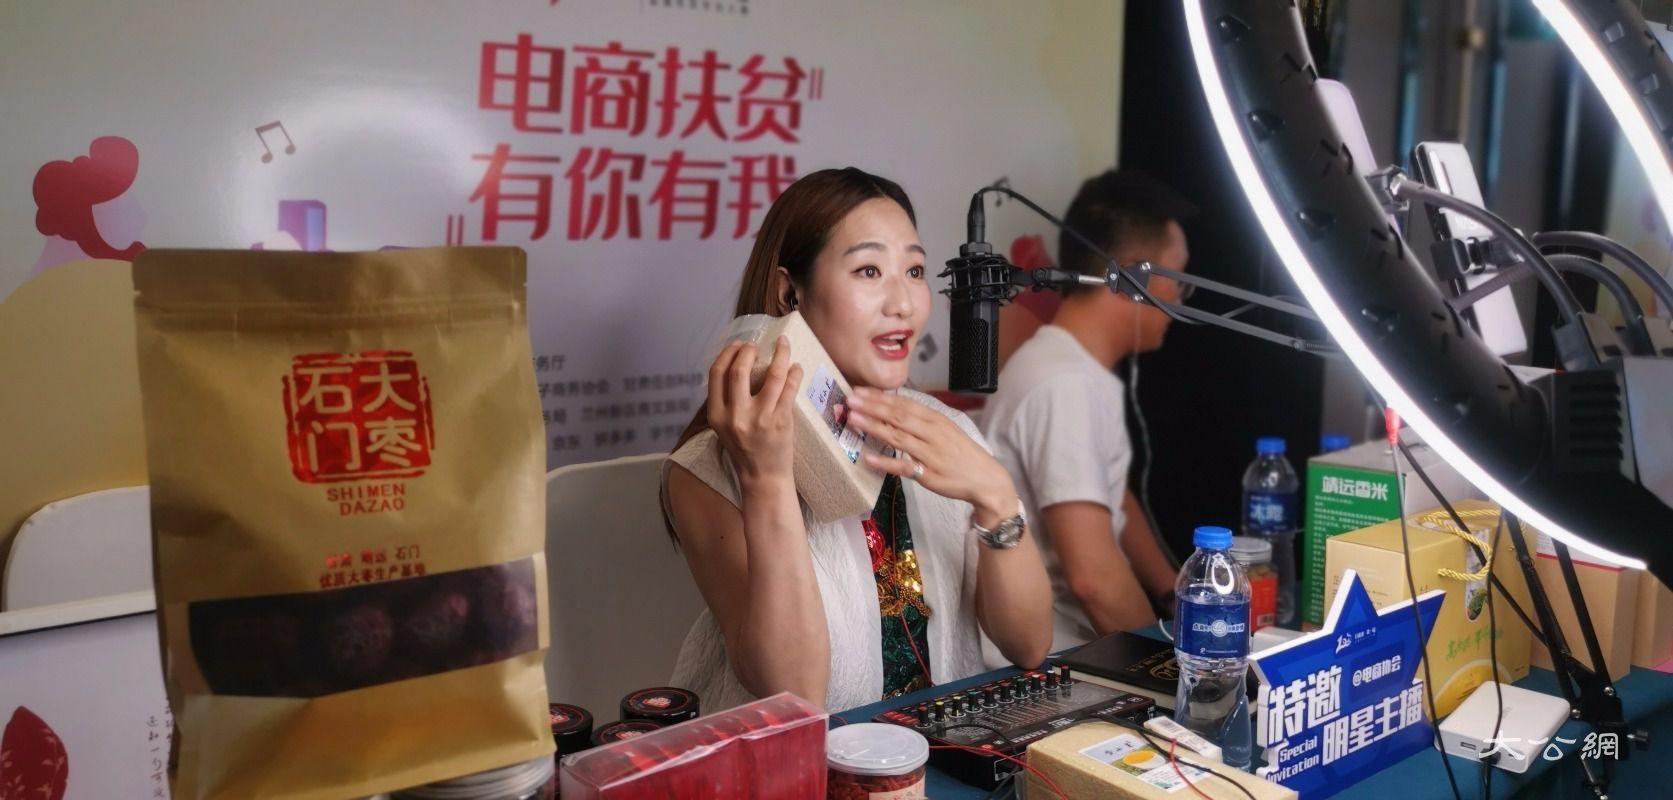 甘肃首届直播电商大赛扶贫助农带货700余万